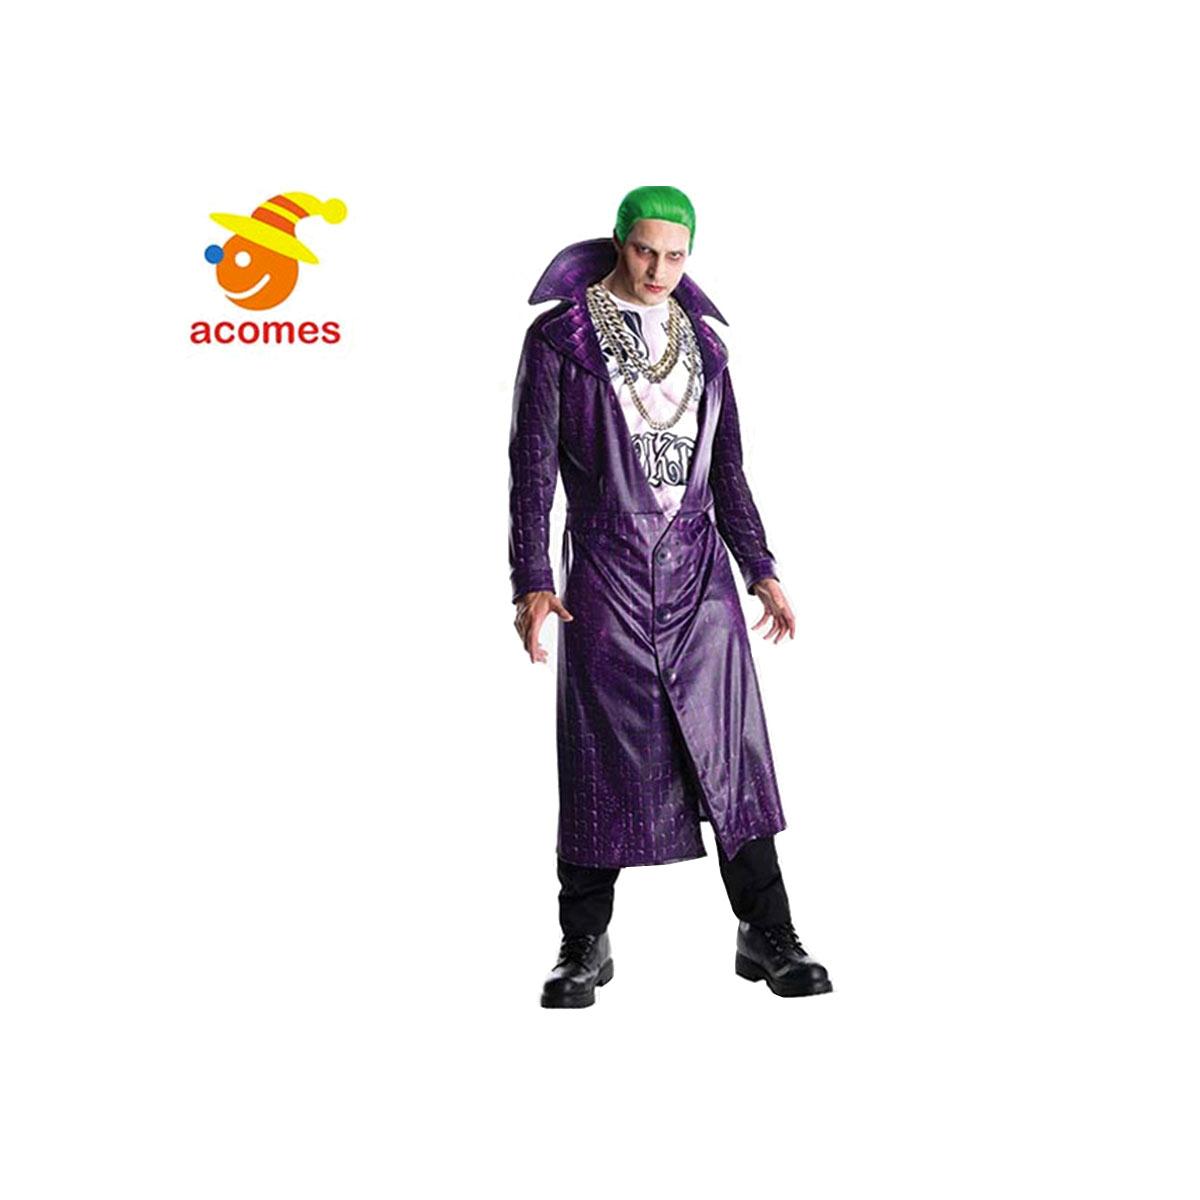 スーサイドスクワッド コスプレ ジョーカー 大人 ハロウィン 衣装 コスチューム スーサイド・スクワッド バットマン 悪役 グッズ あす楽